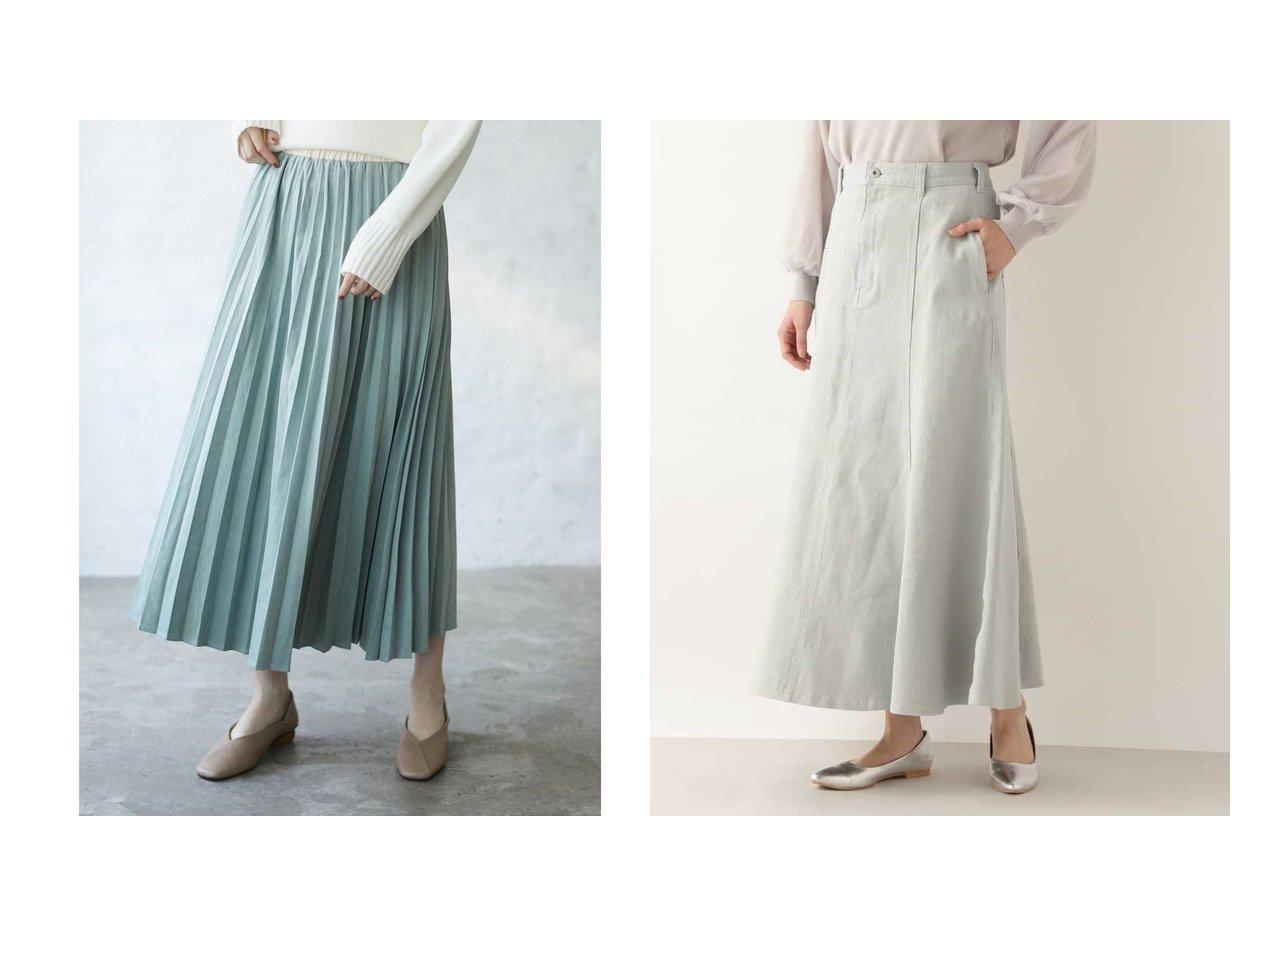 【Green Parks/グリーンパークス】の・ELENCARE DUEアコーディオンプリーツスカート&【NATURAL BEAUTY BASIC/ナチュラル ビューティー ベーシック】のカラーデニムスカート 【スカート】おすすめ!人気、トレンド・レディースファッションの通販 おすすめで人気の流行・トレンド、ファッションの通販商品 メンズファッション・キッズファッション・インテリア・家具・レディースファッション・服の通販 founy(ファニー) https://founy.com/ ファッション Fashion レディースファッション WOMEN スカート Skirt デニムスカート Denim Skirts プリーツスカート Pleated Skirts デニム フレア ポケット 春 Spring 送料無料 Free Shipping エレガント ギャザー クール プリーツ 再入荷 Restock/Back in Stock/Re Arrival  ID:crp329100000029149